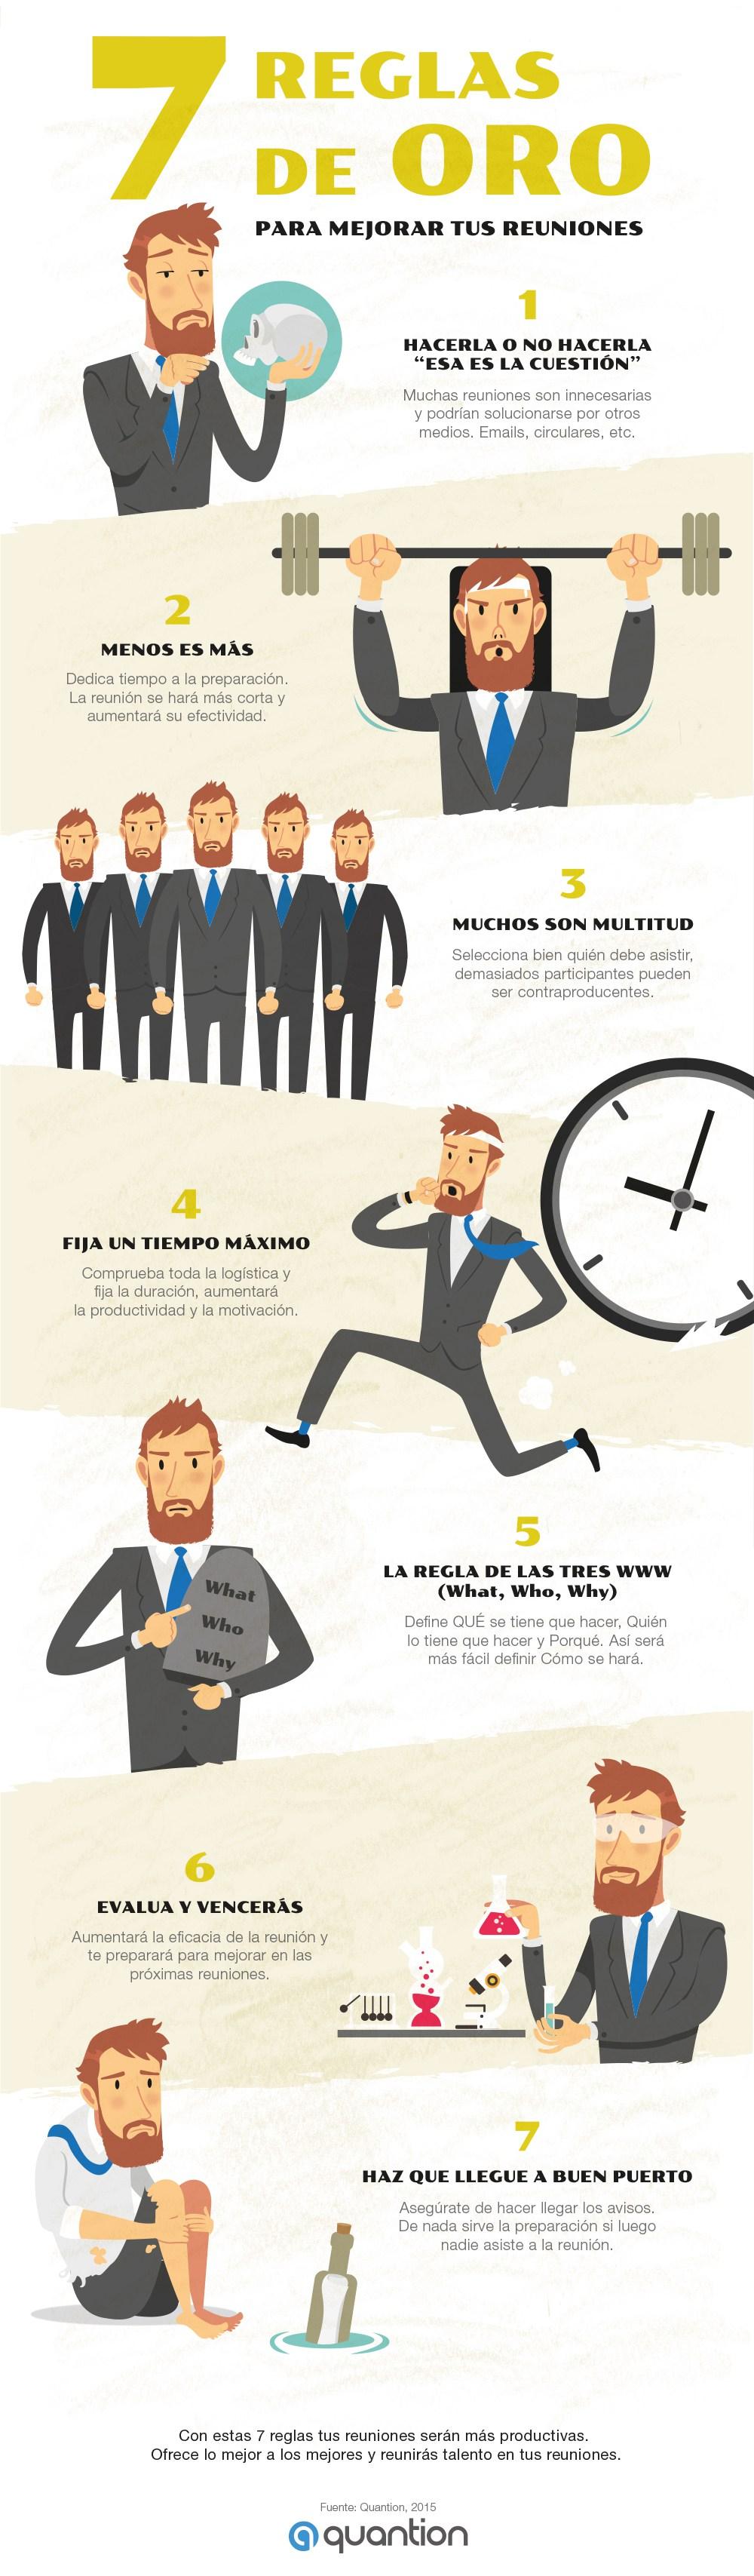 7 reglas de oro para mejorar tus Reuniones